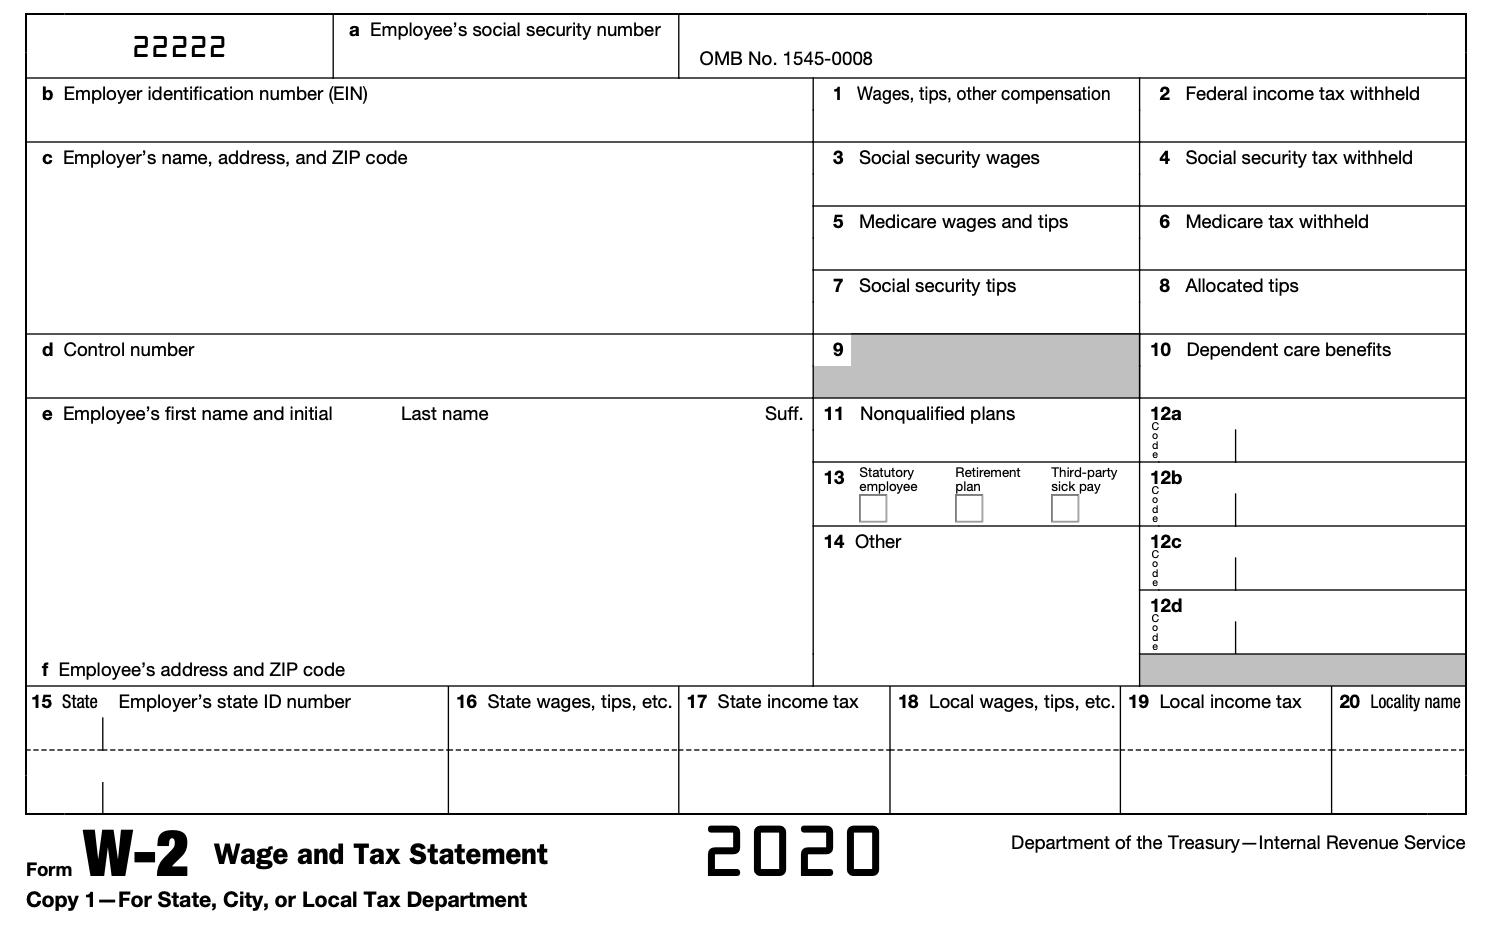 irs-w2-tax-form